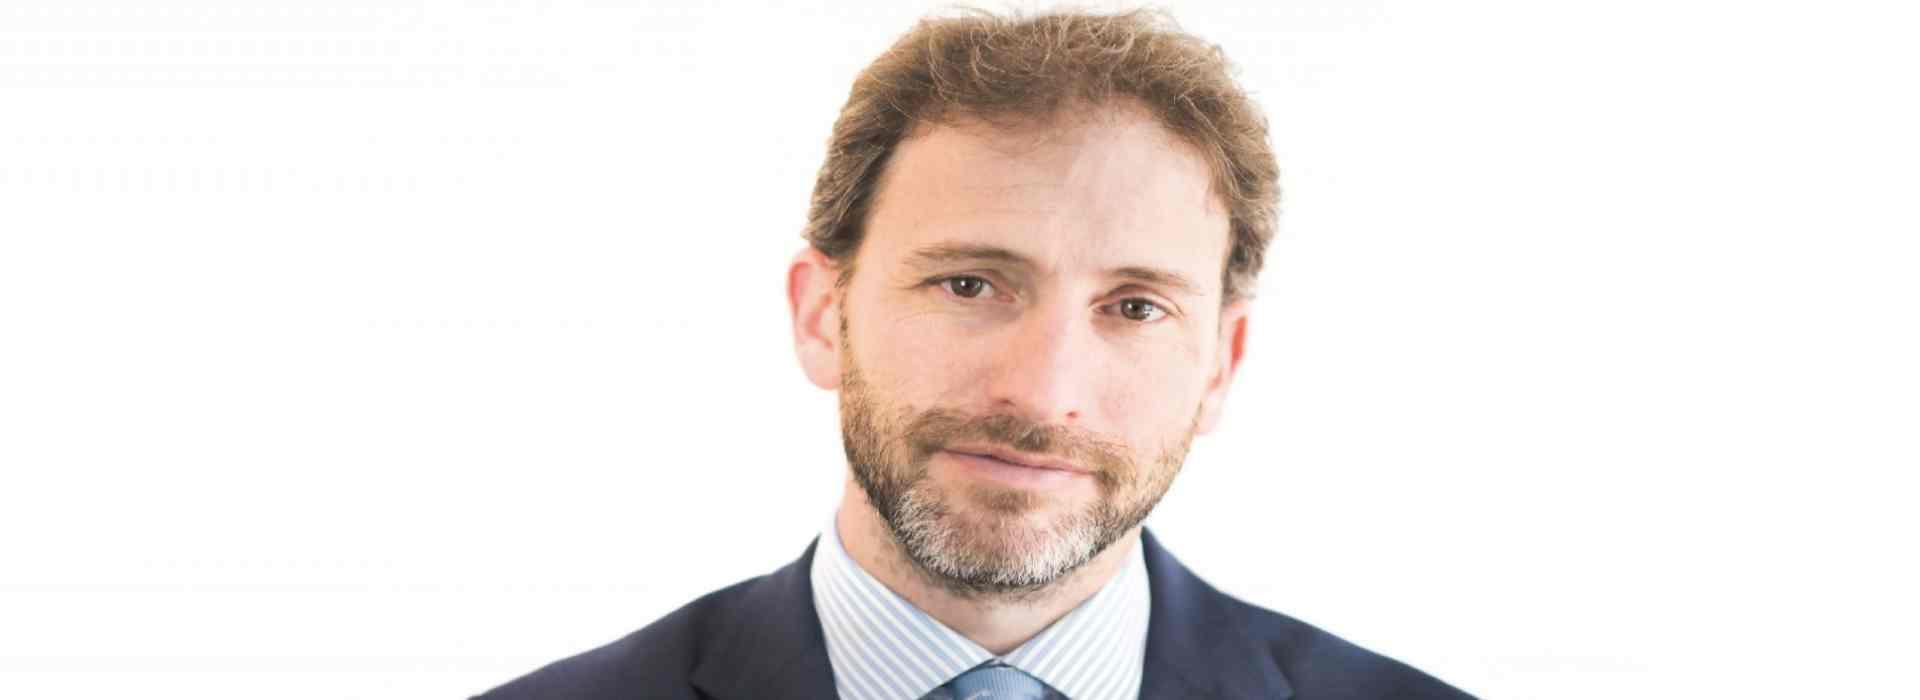 """M5s, Casaleggio: """"A Rousseau mancano 175 mila euro all'appello"""""""